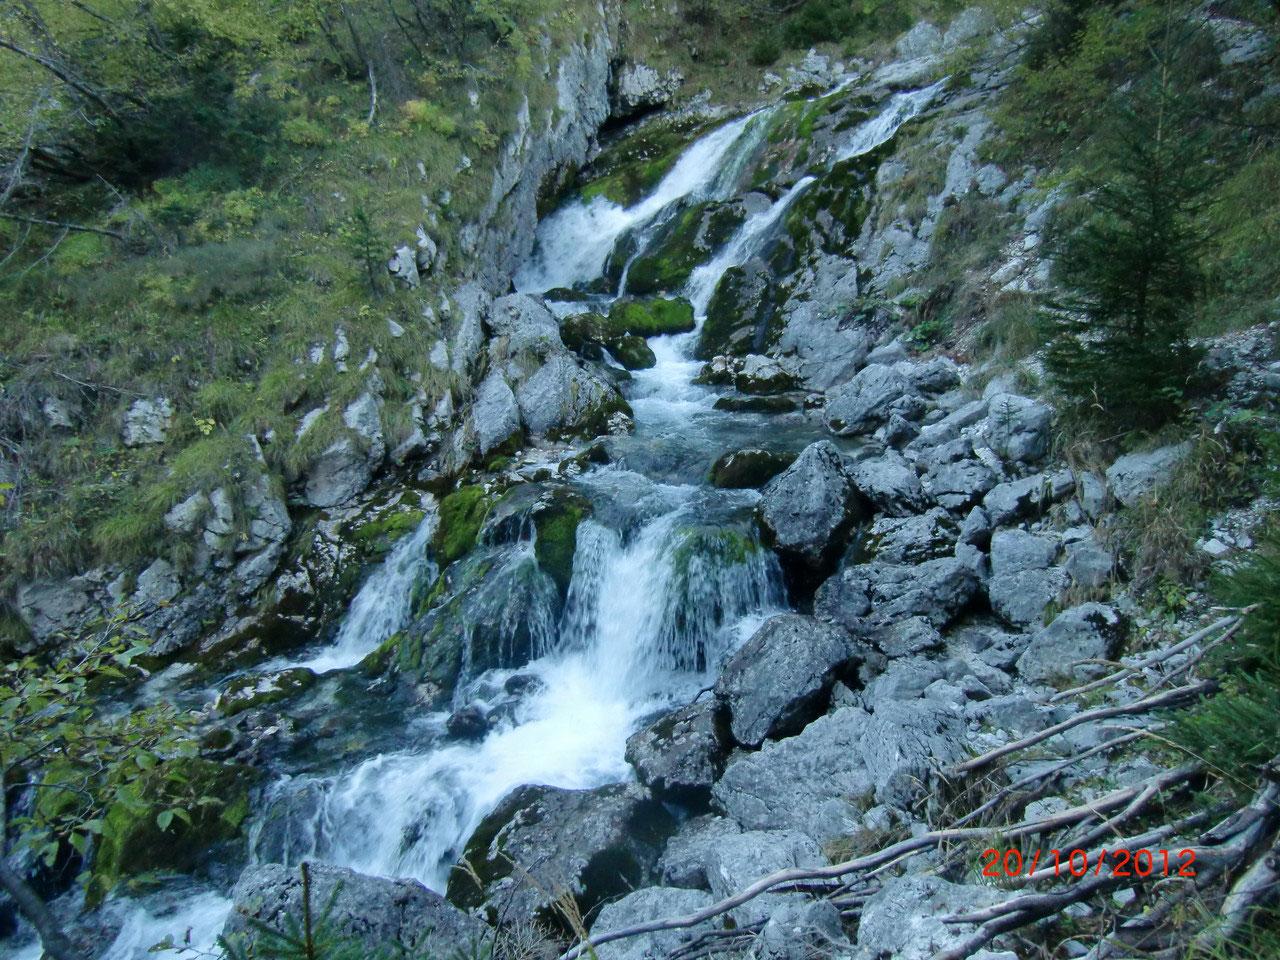 Klettersteig Soca Quelle : Soča quelle unterwegs im dreiländereck